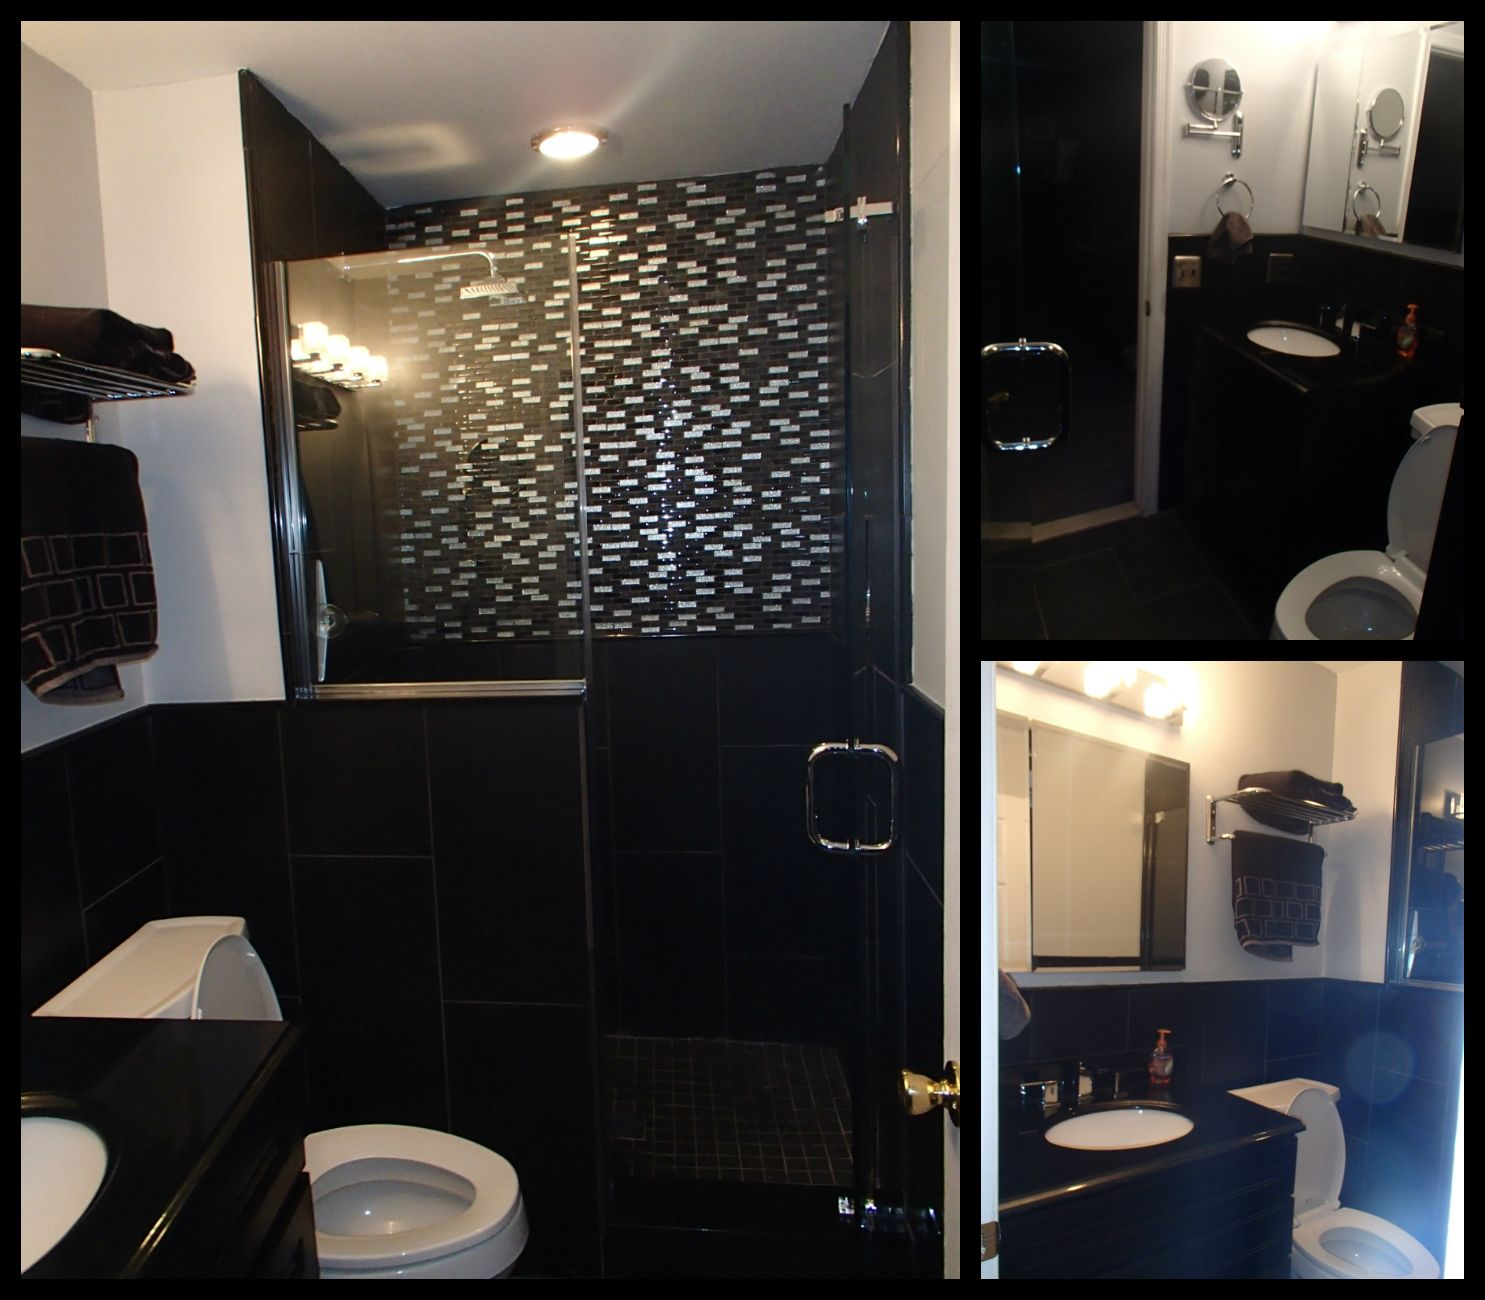 Apartments In Reno Oh: Bathroom, Grey Bathrooms, Home Reno